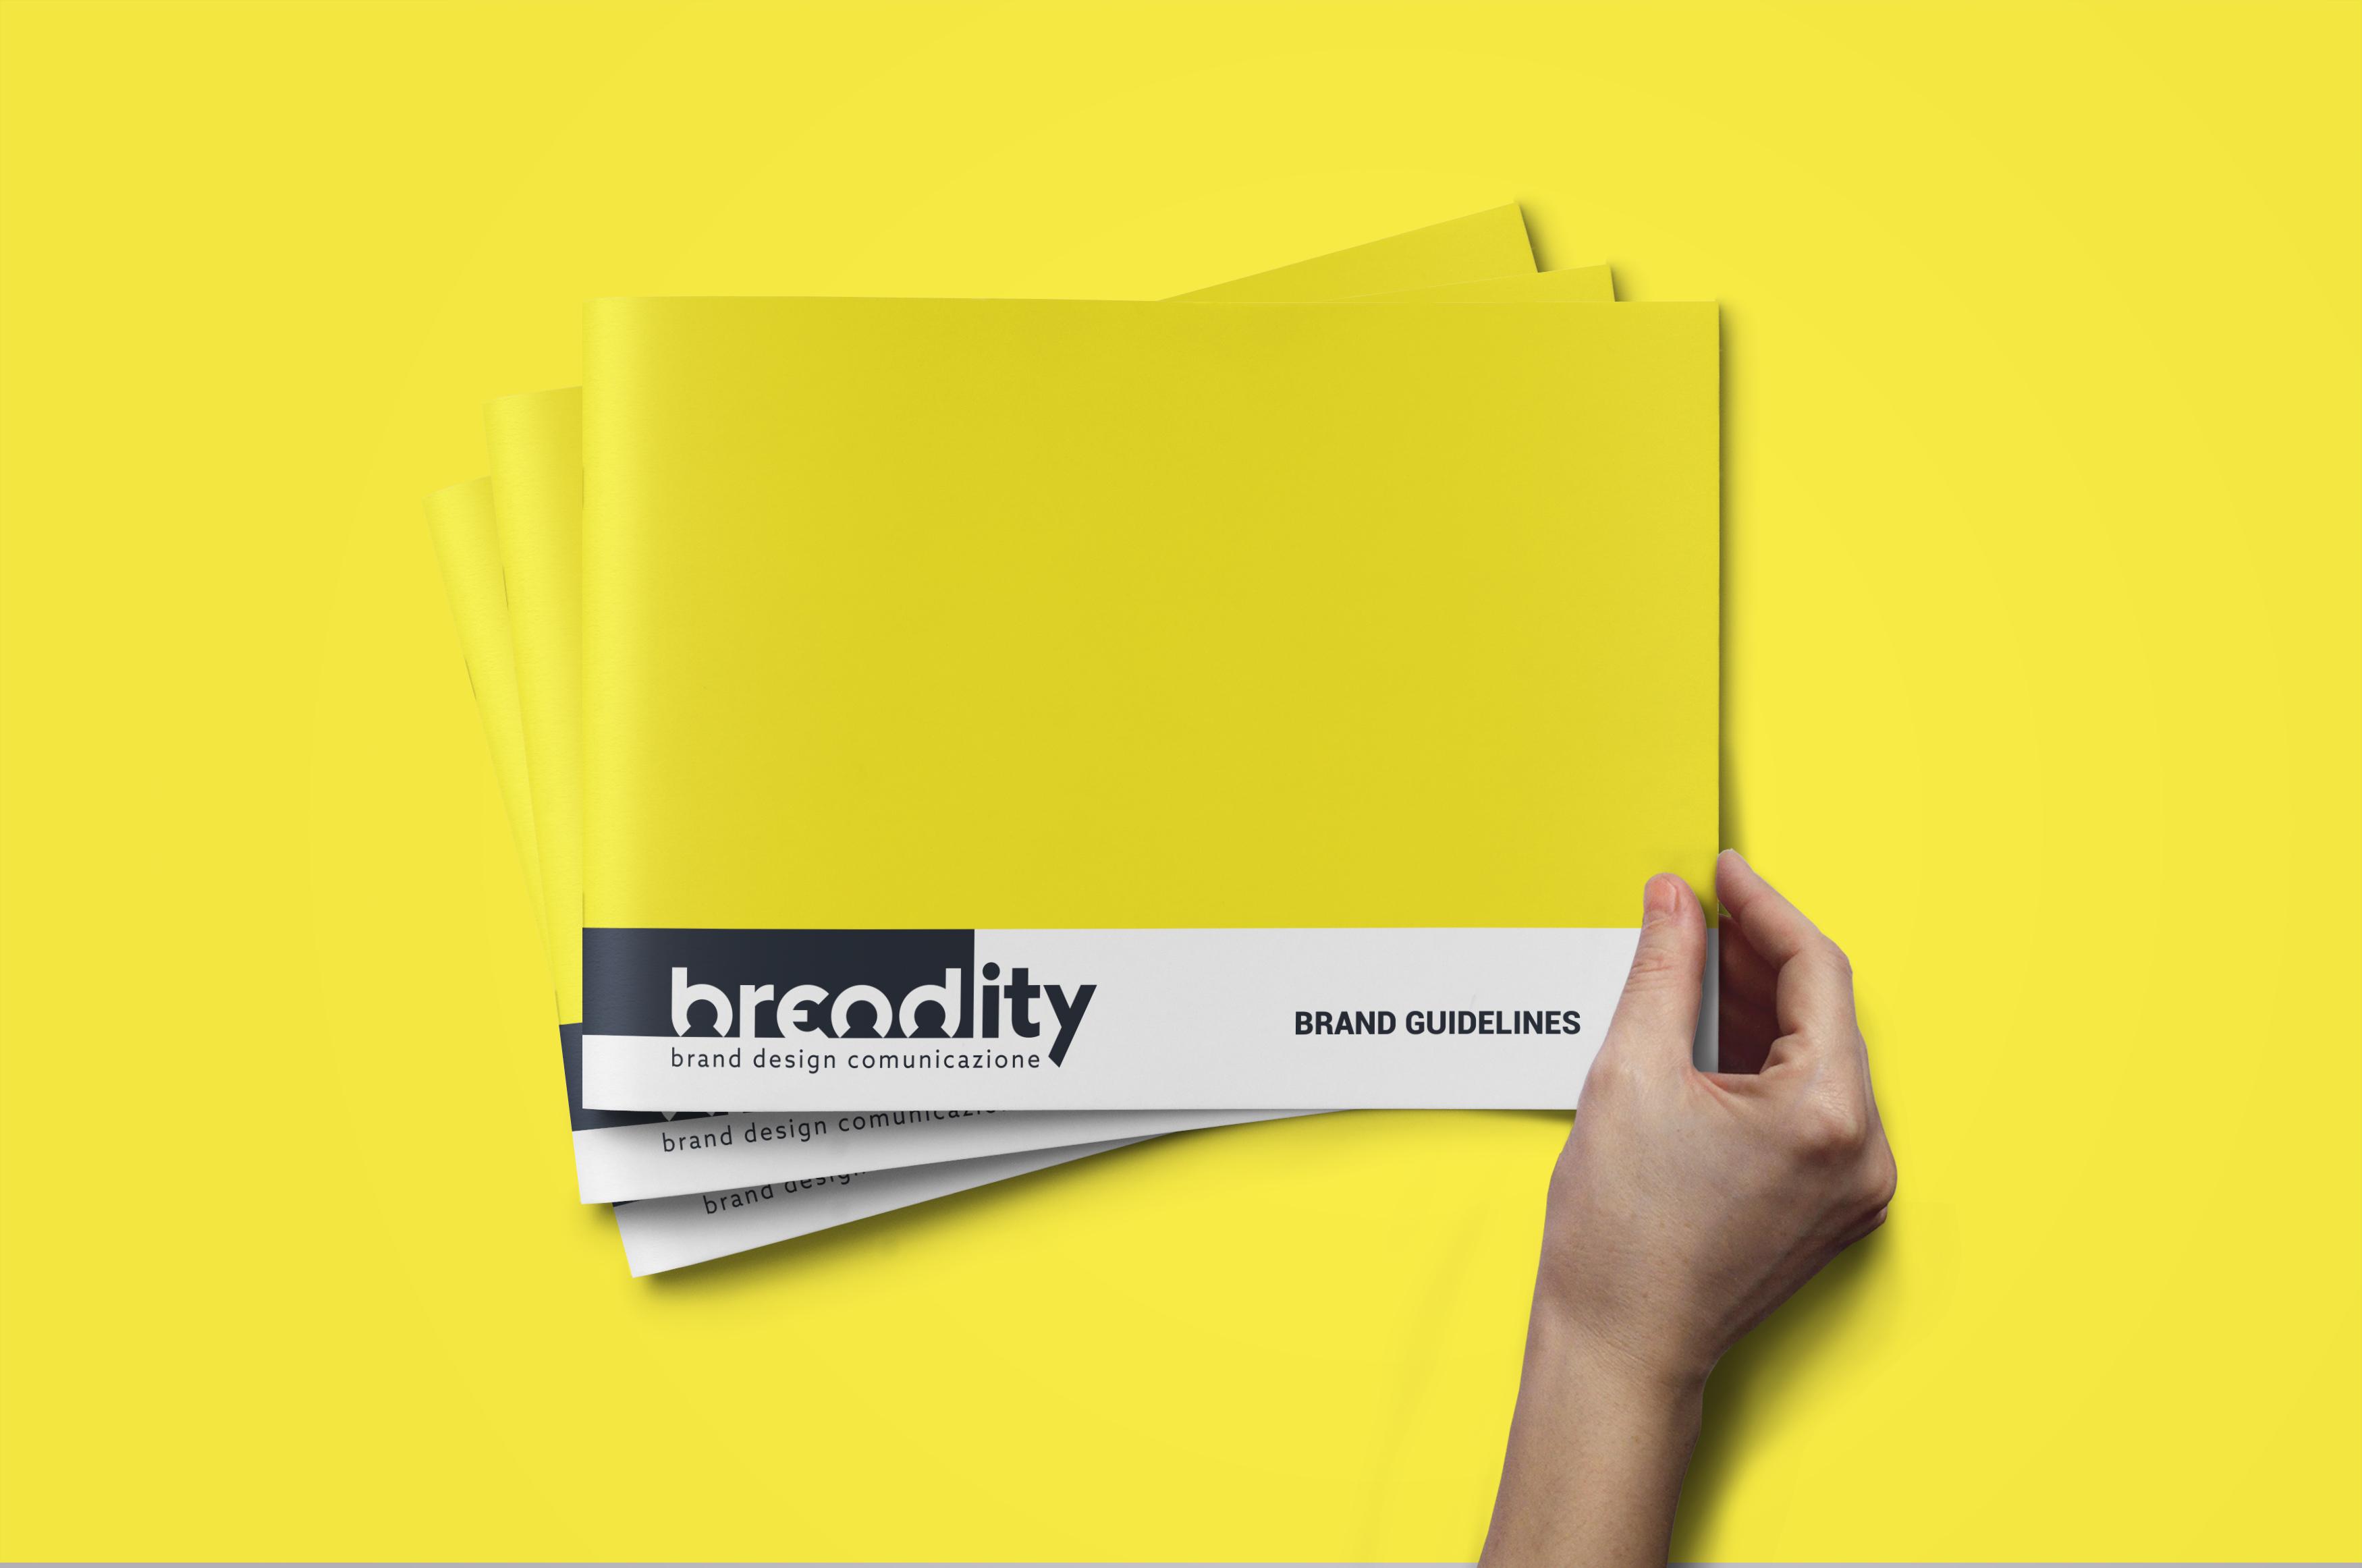 manuale del brand